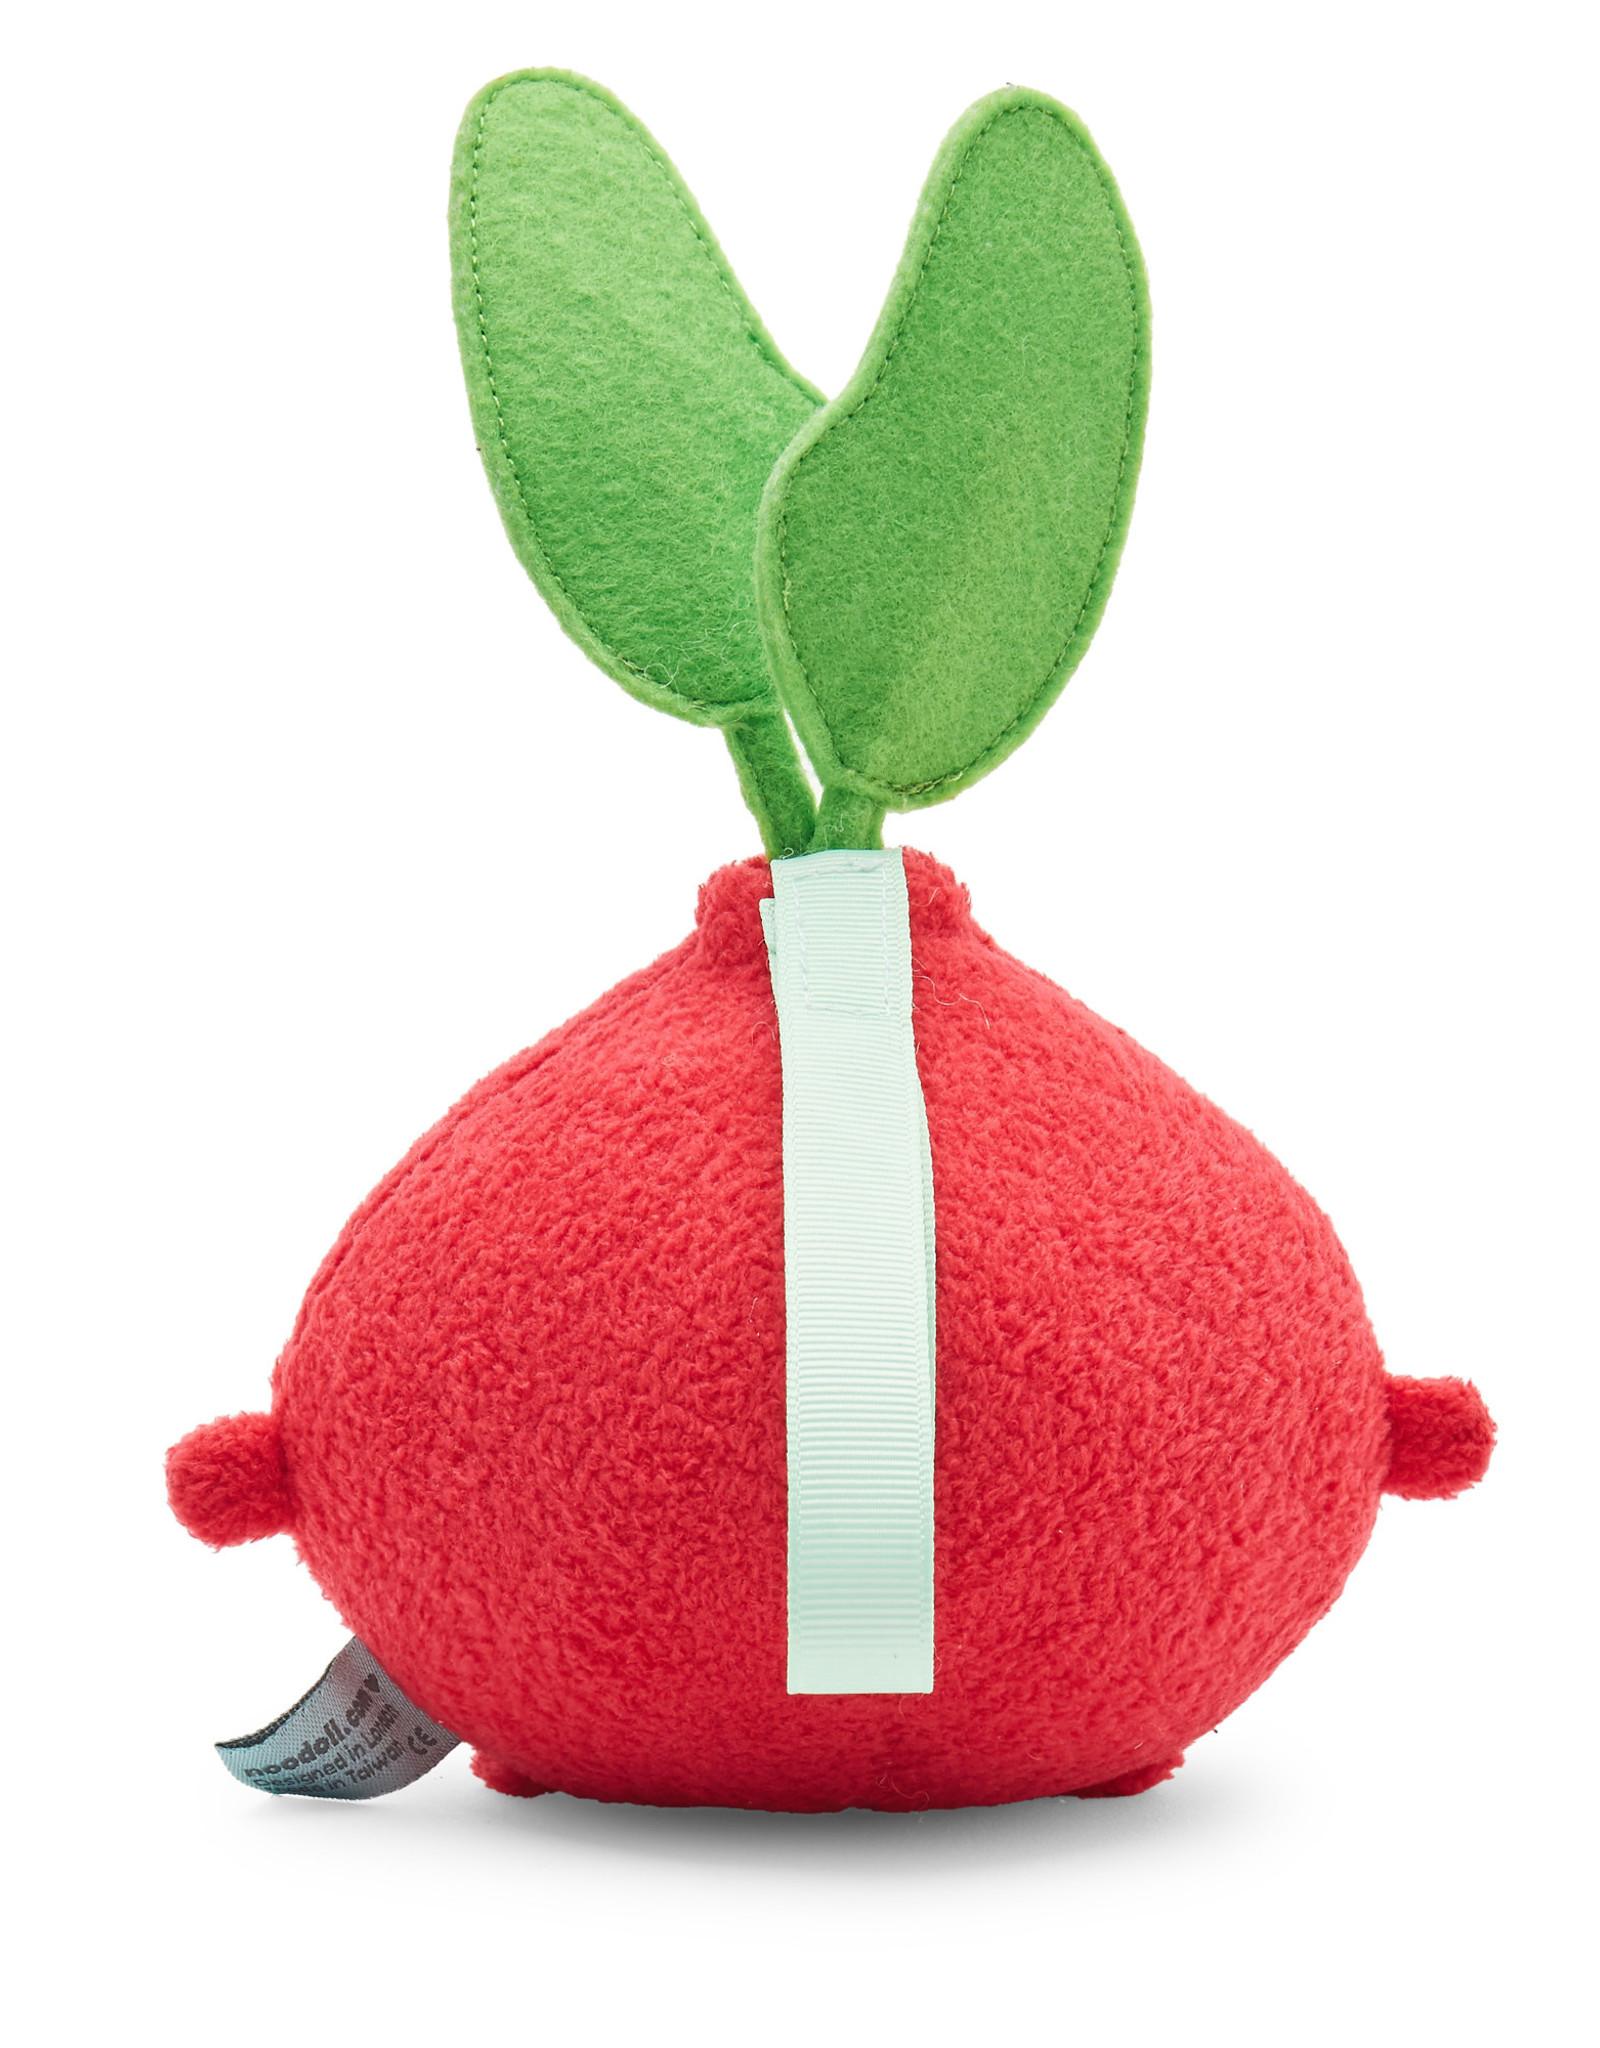 Noodoll Mini Plush - Ricebeet